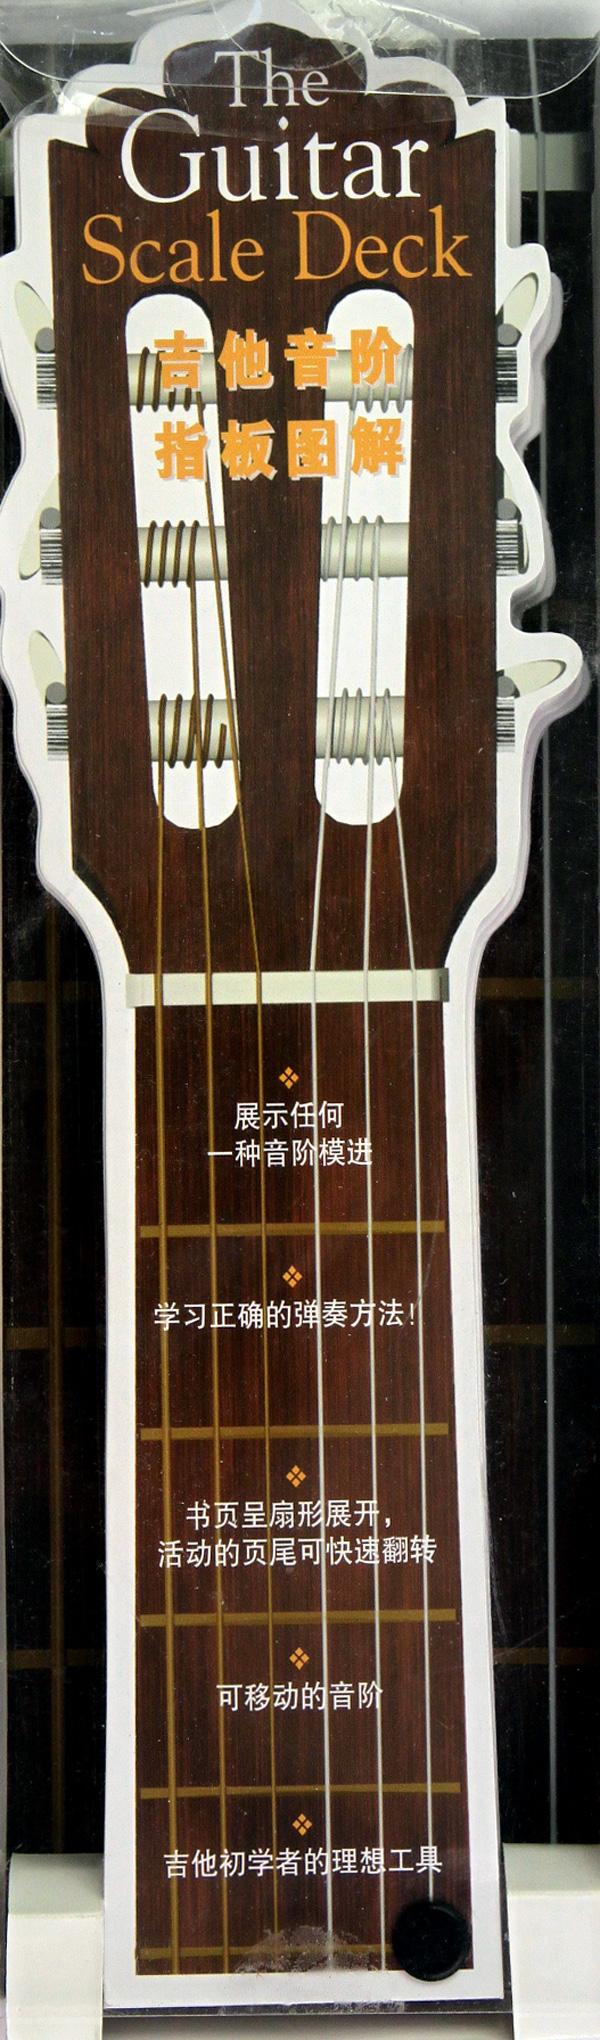 吉他音阶指板图解-博库网